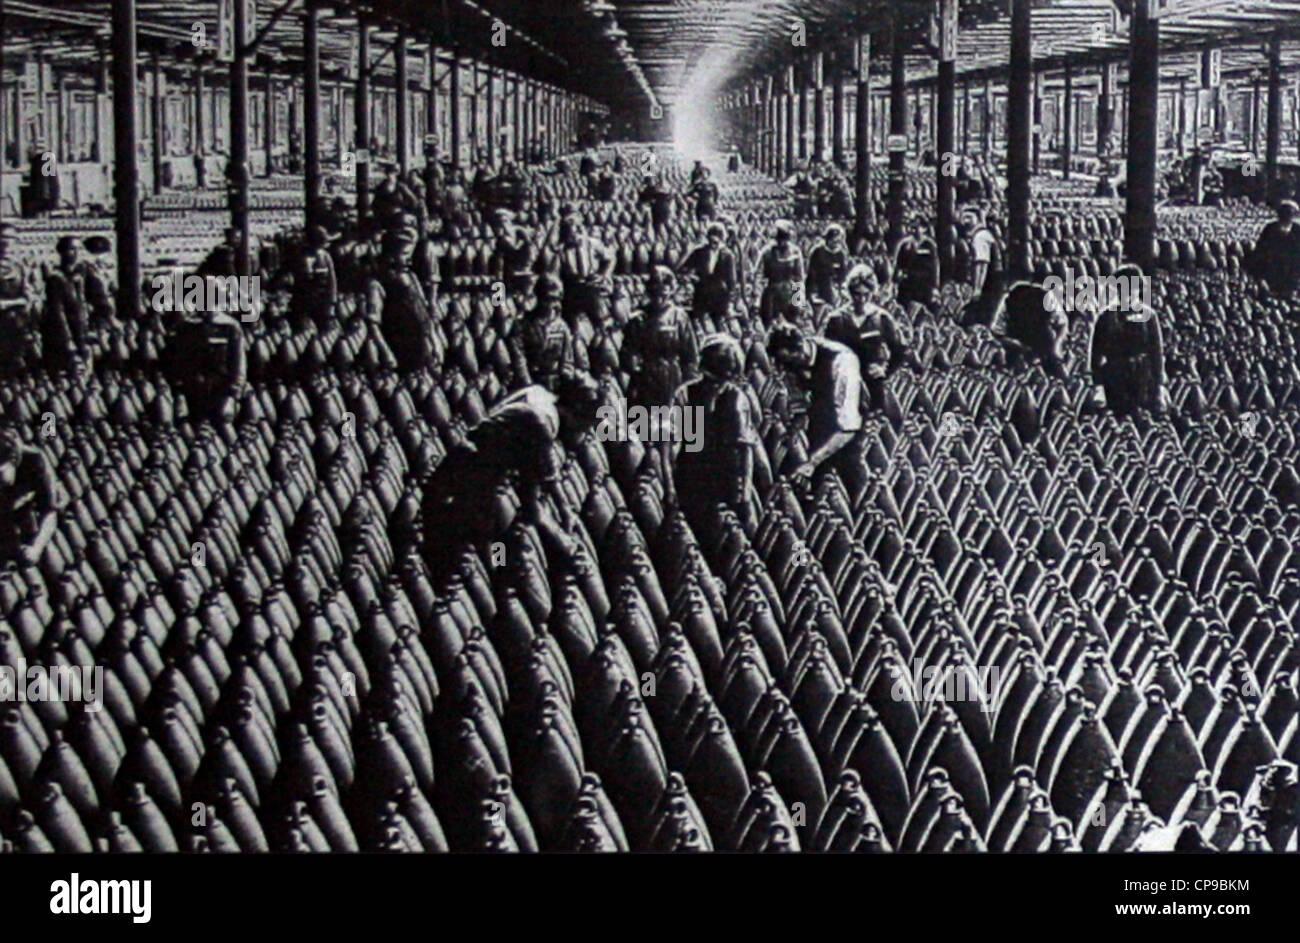 Fabbrica belga di mortaio munizioni, fine del 19. secolo Immagini Stock